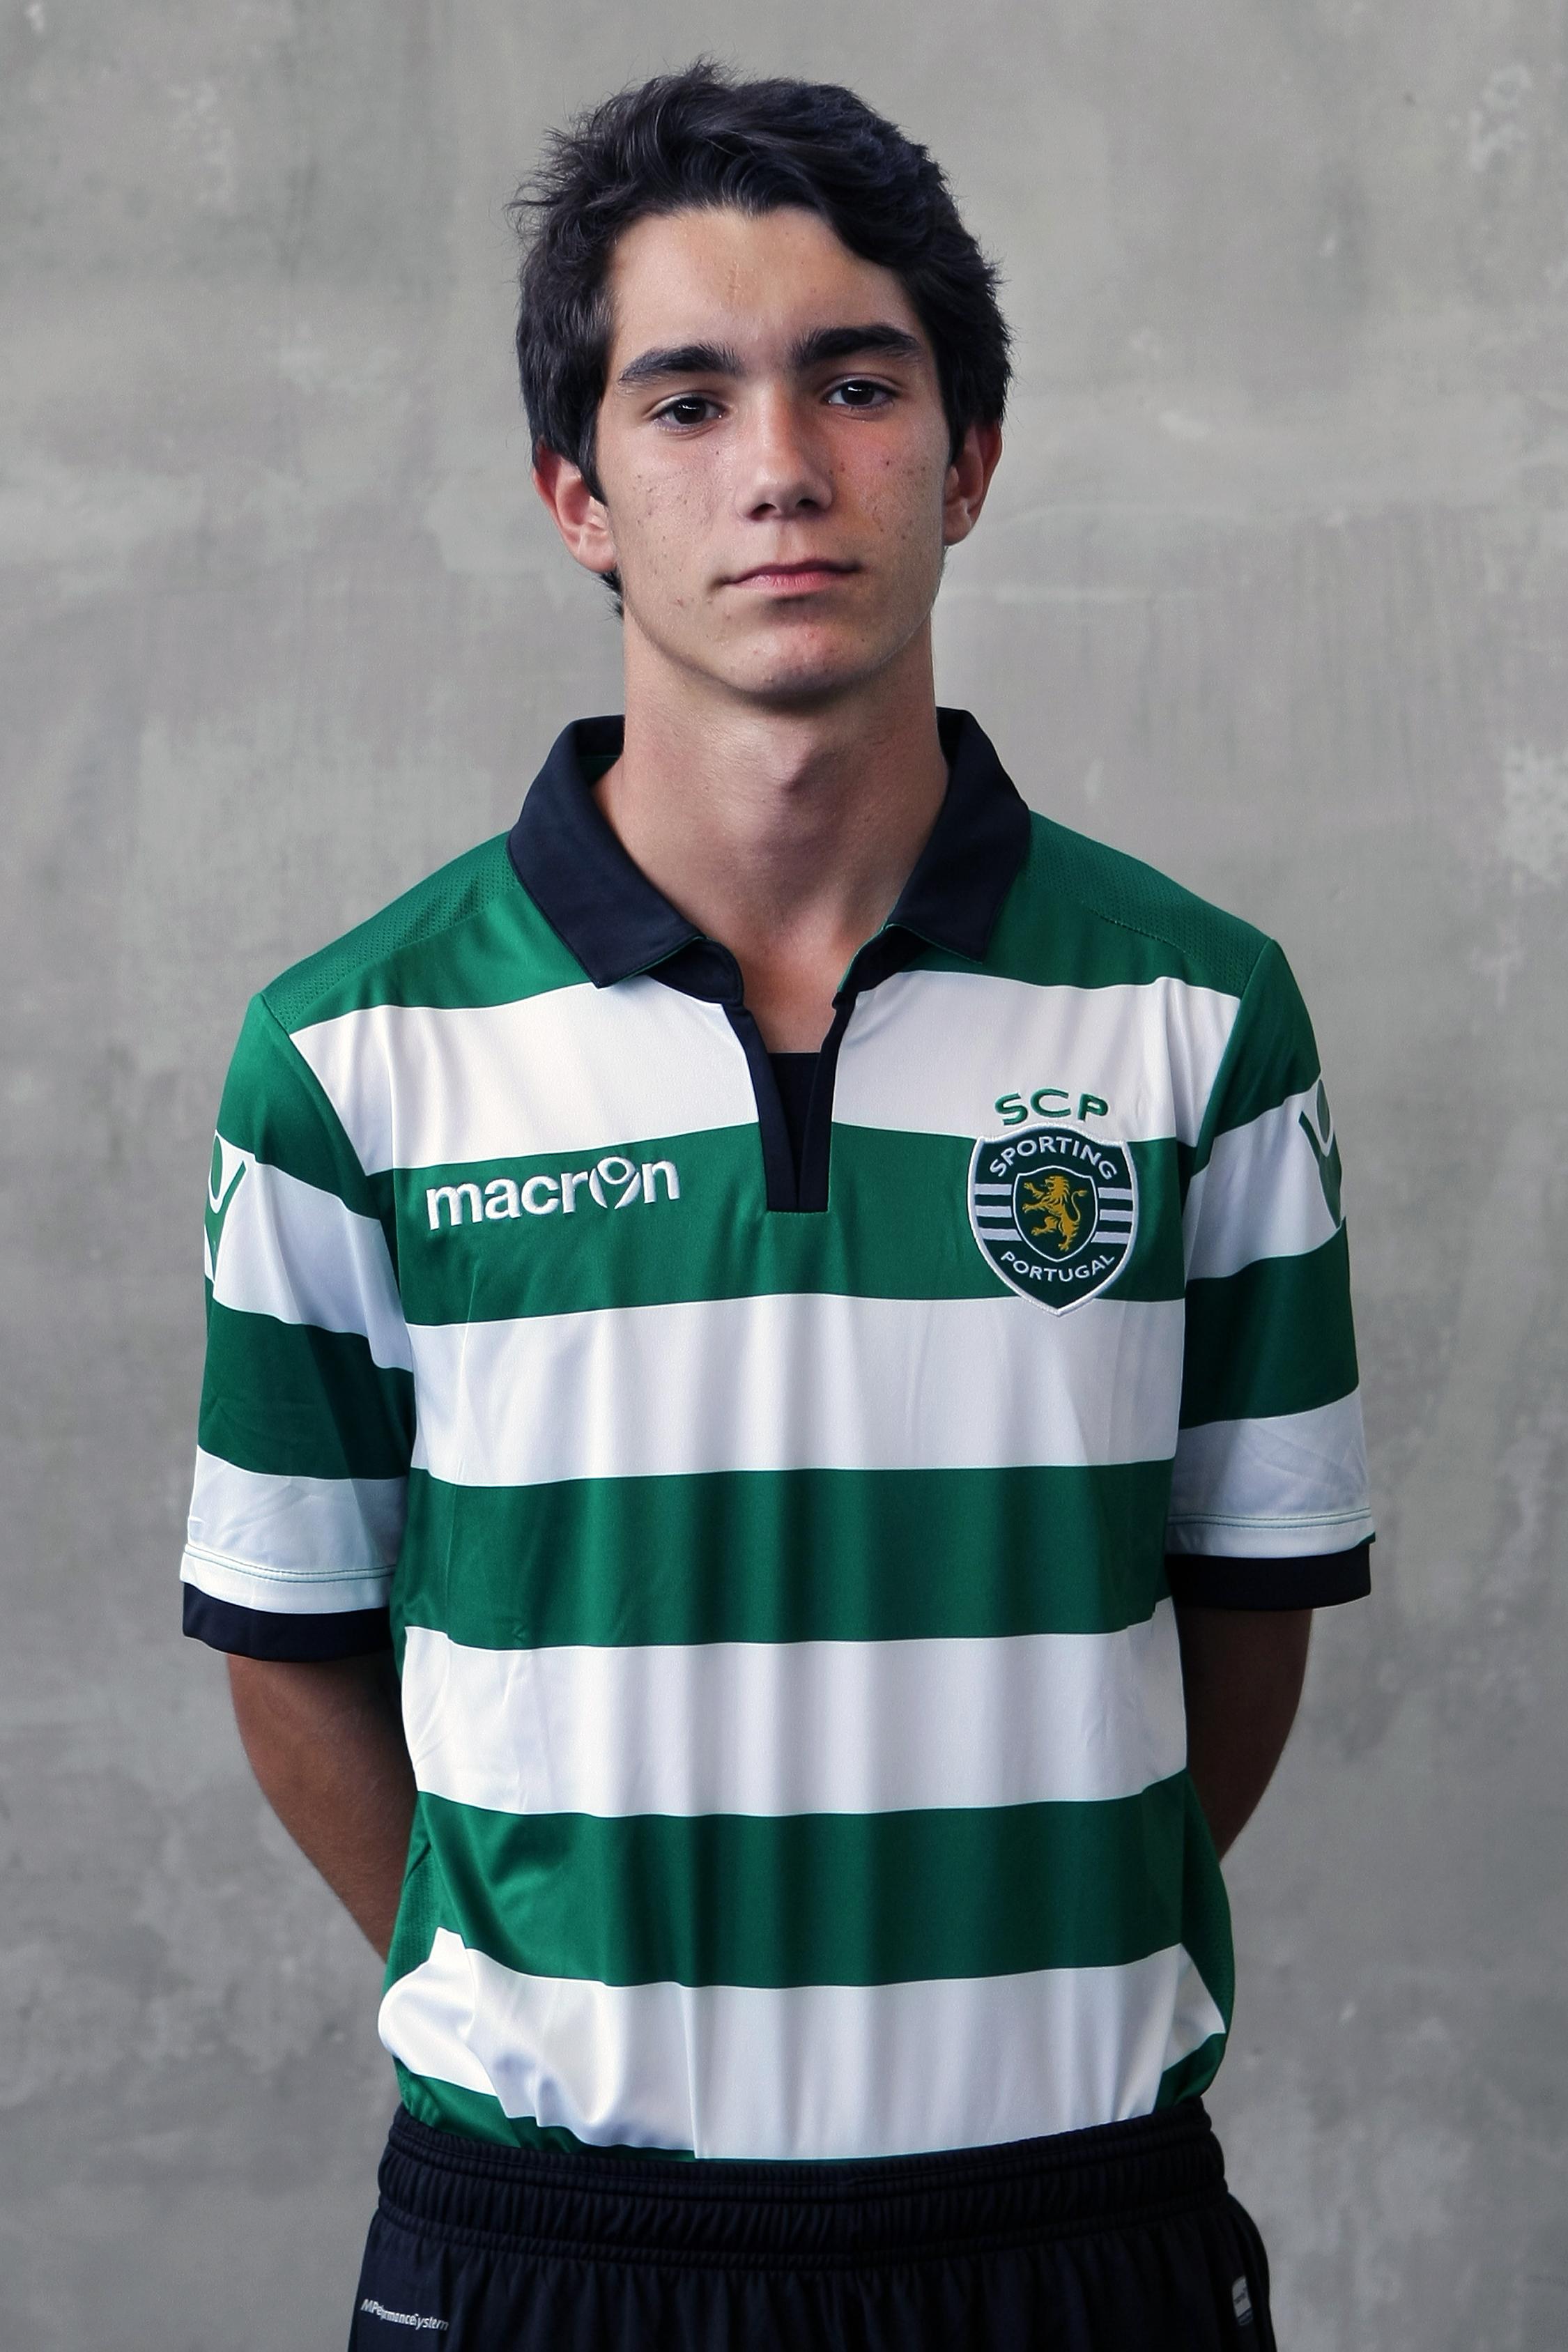 Alexandre Lami Duarte